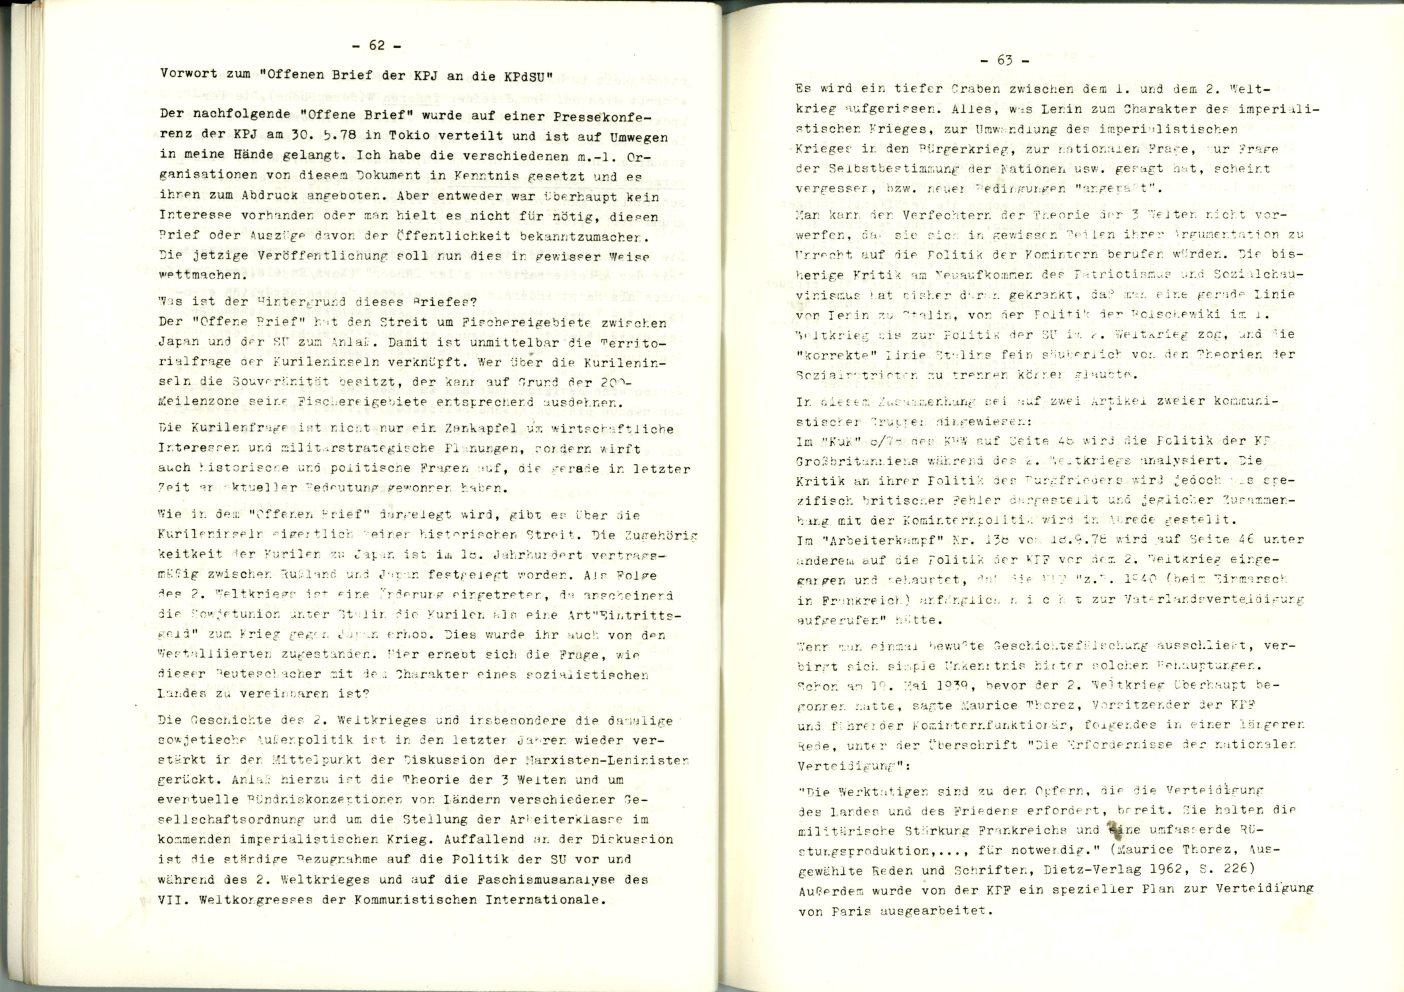 Nuernberg_Fuerth_Erlangen_ML_Diskussionsbeitraege_1979_02_32